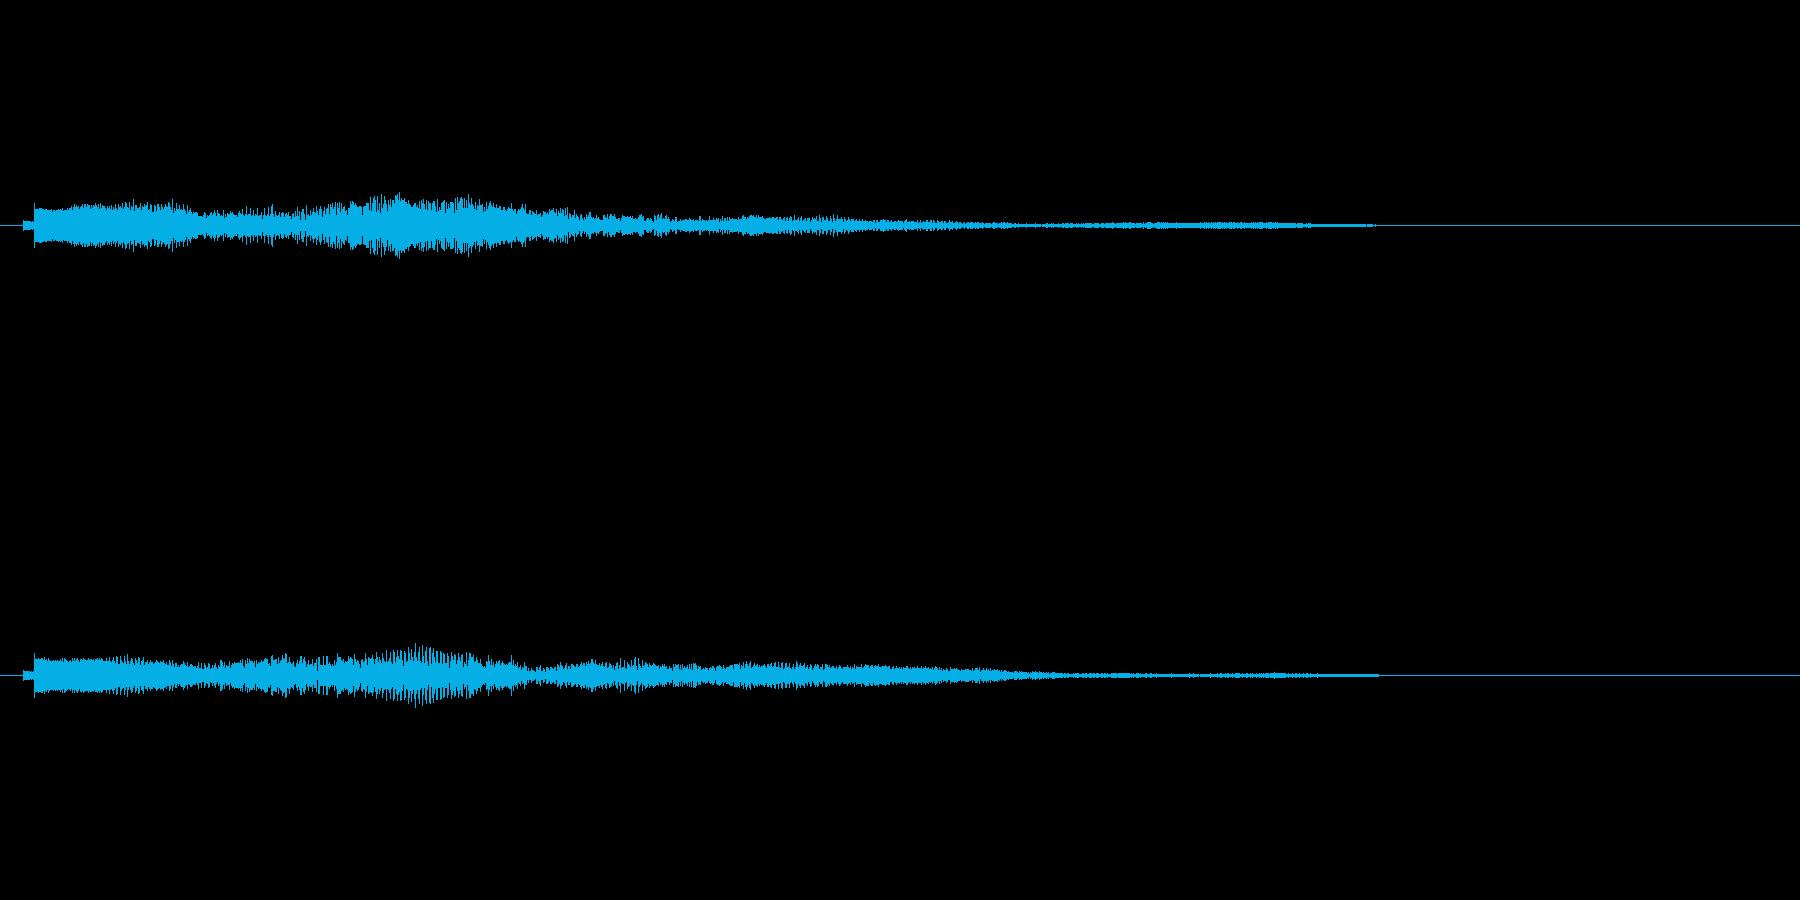 シンセコードによるサウンドロゴ4の再生済みの波形